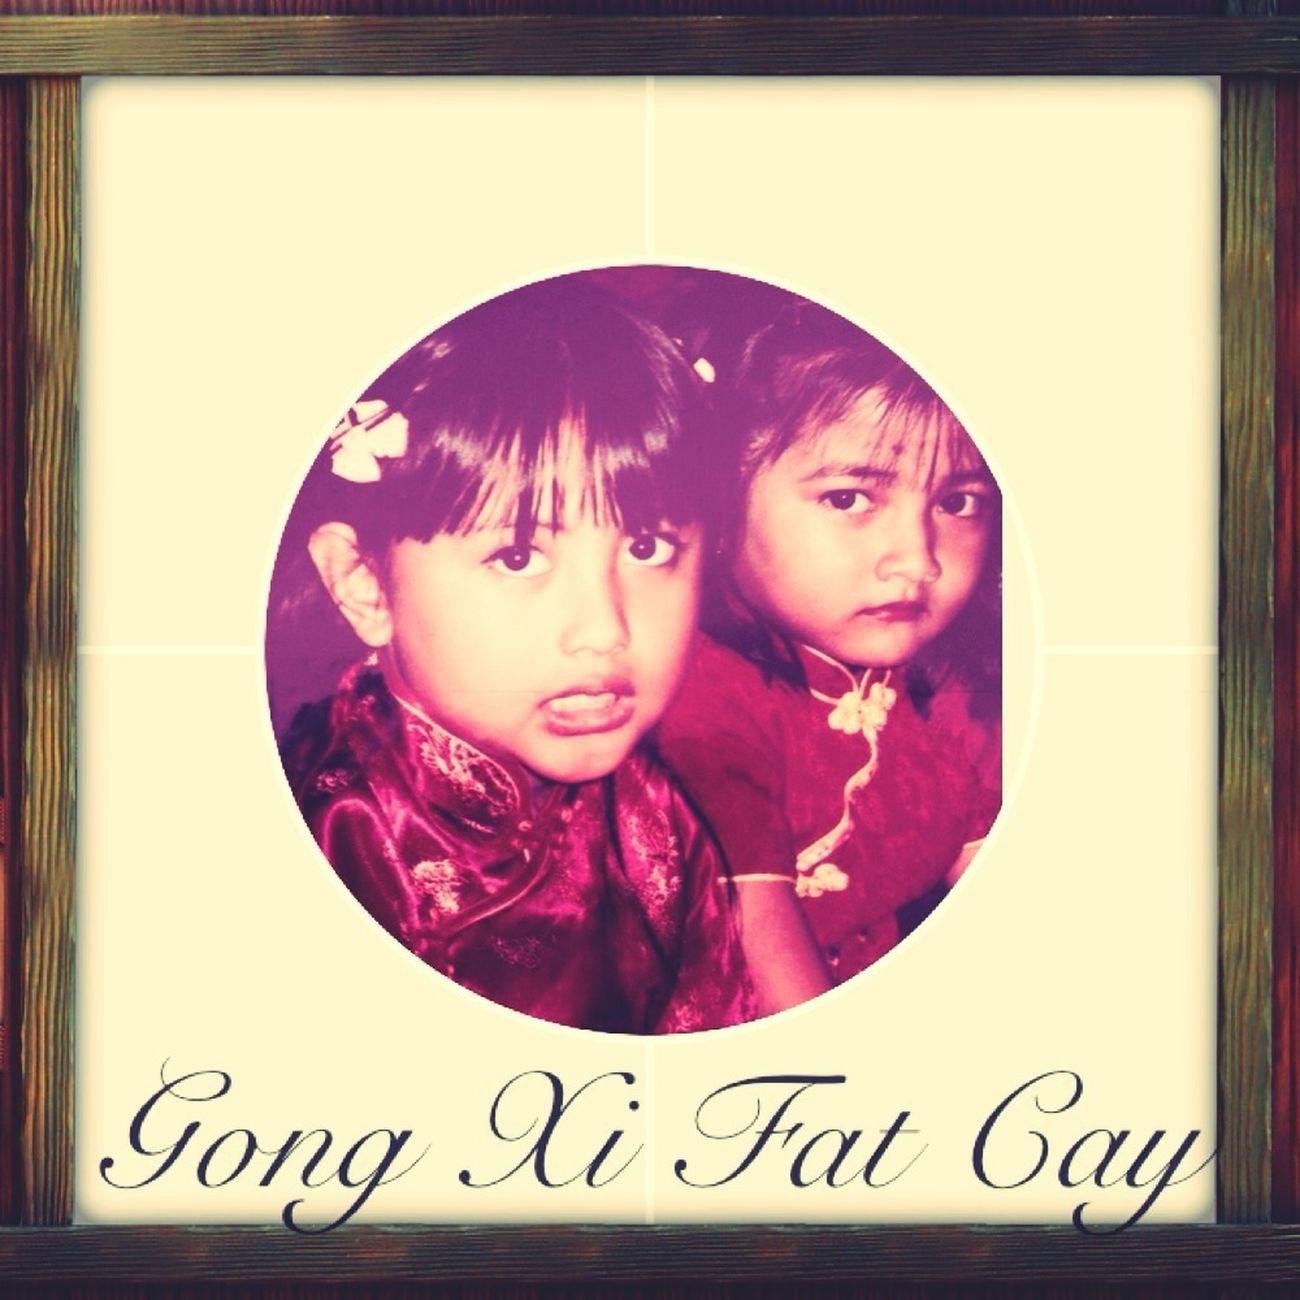 Happy Lunar Gong Xi Fat Cay